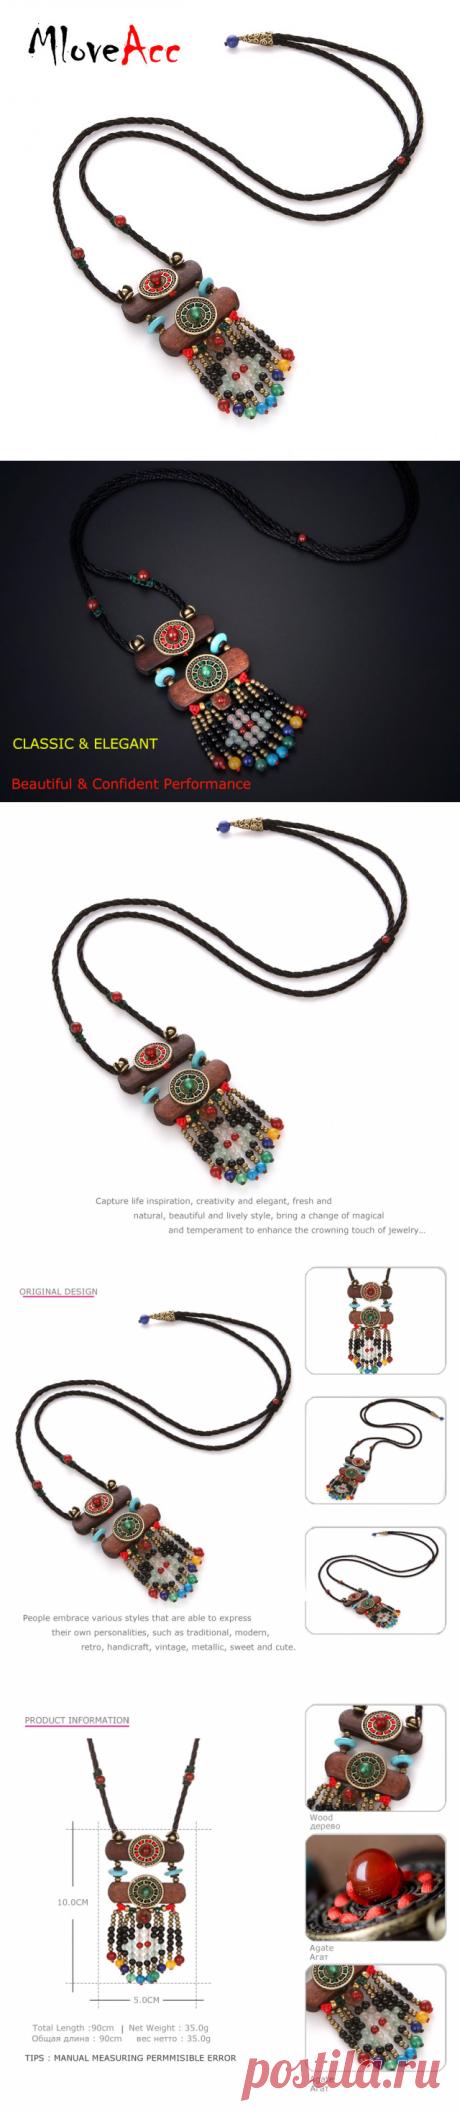 Mloveacc Новый Boho Длинные дерево черный Бусины Подвески для Для женщин аксессуар Натуральный камень Этническая Тибетский Bohemians Цепочки и ожерелья купить на AliExpress